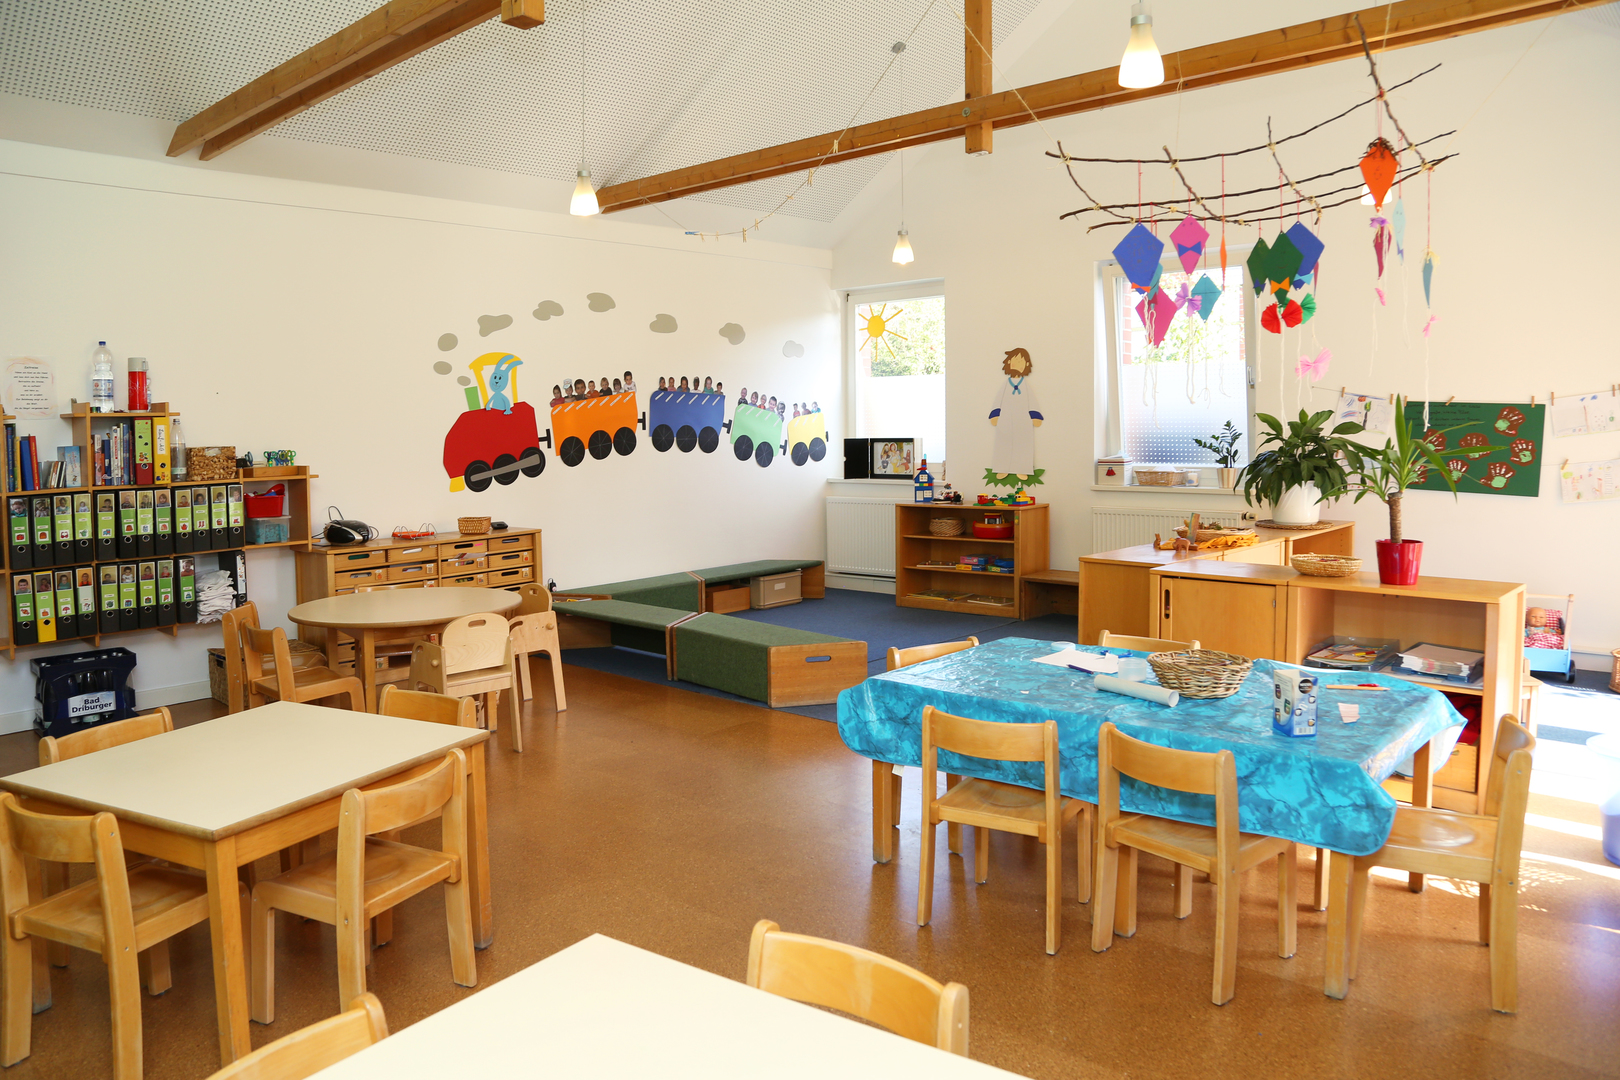 r ume und spielbereiche unsere kita katholische kindertageseinrichtung st hedwig paderborn. Black Bedroom Furniture Sets. Home Design Ideas